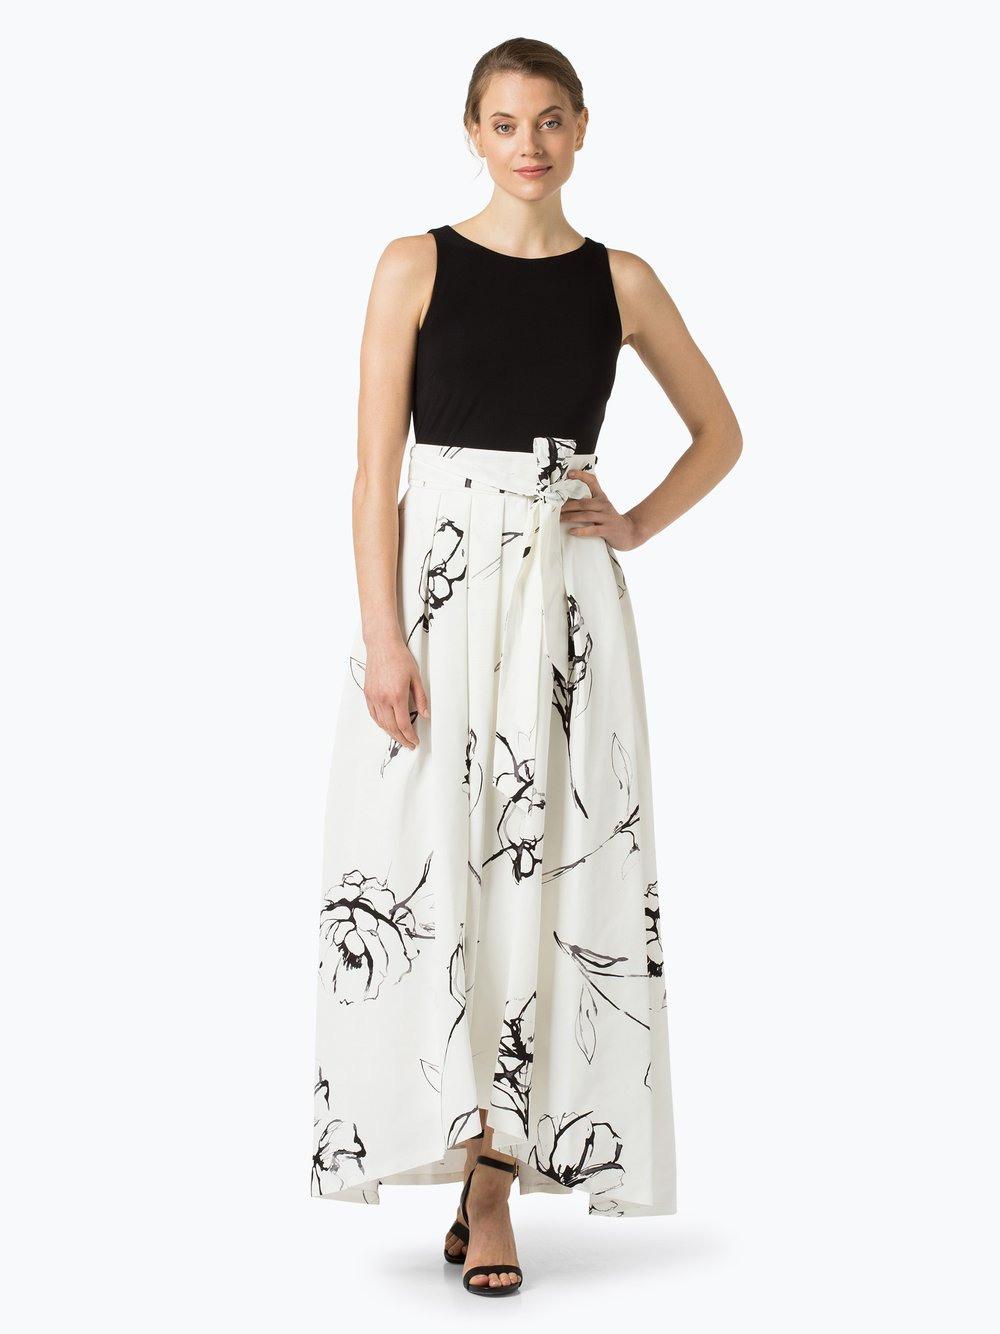 Abend Fantastisch Abendkleider Ralph Lauren Design17 Einzigartig Abendkleider Ralph Lauren Boutique